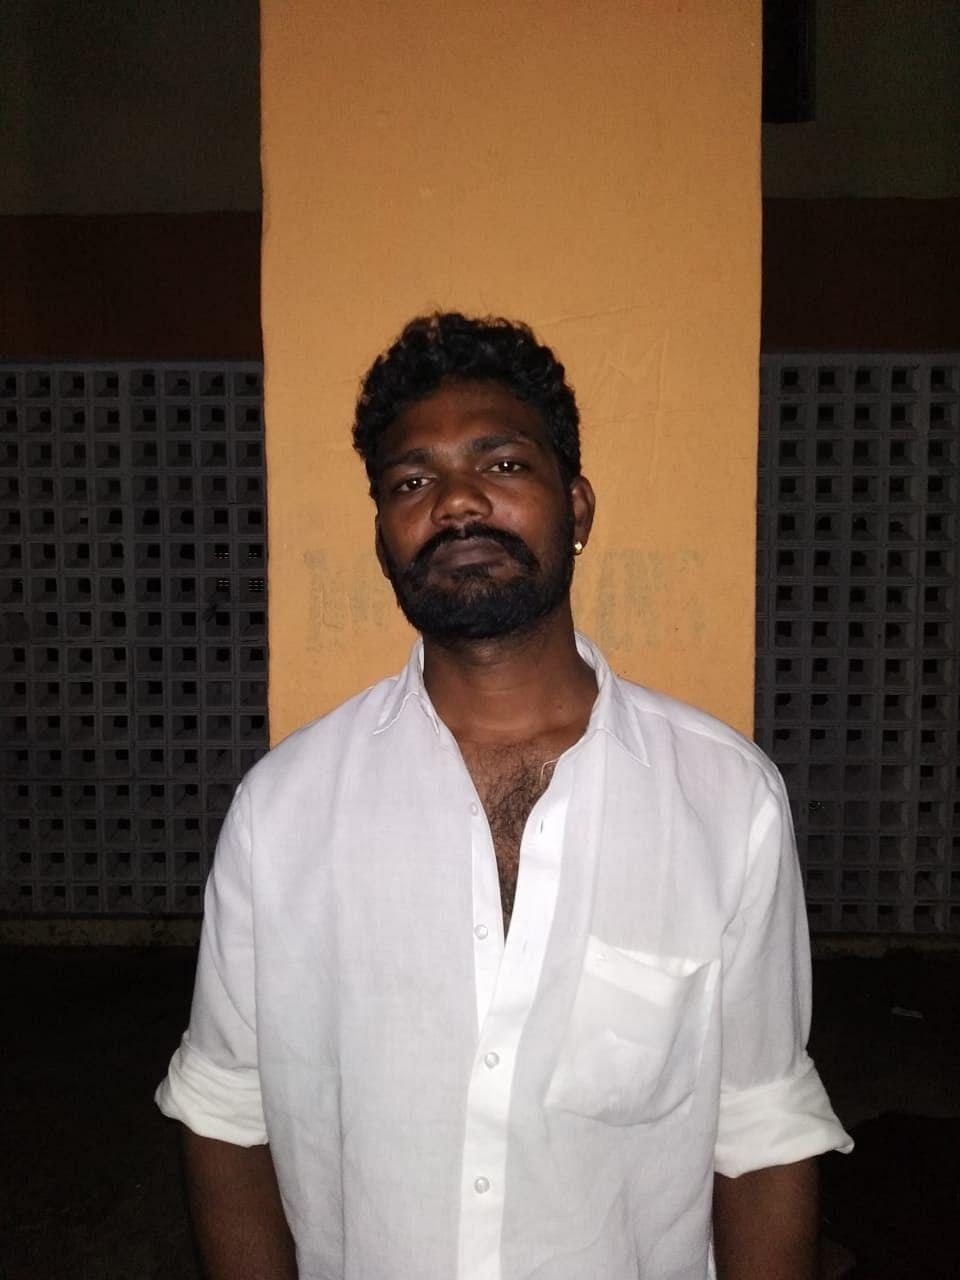 பா.ஜ.க பிரமுகர்